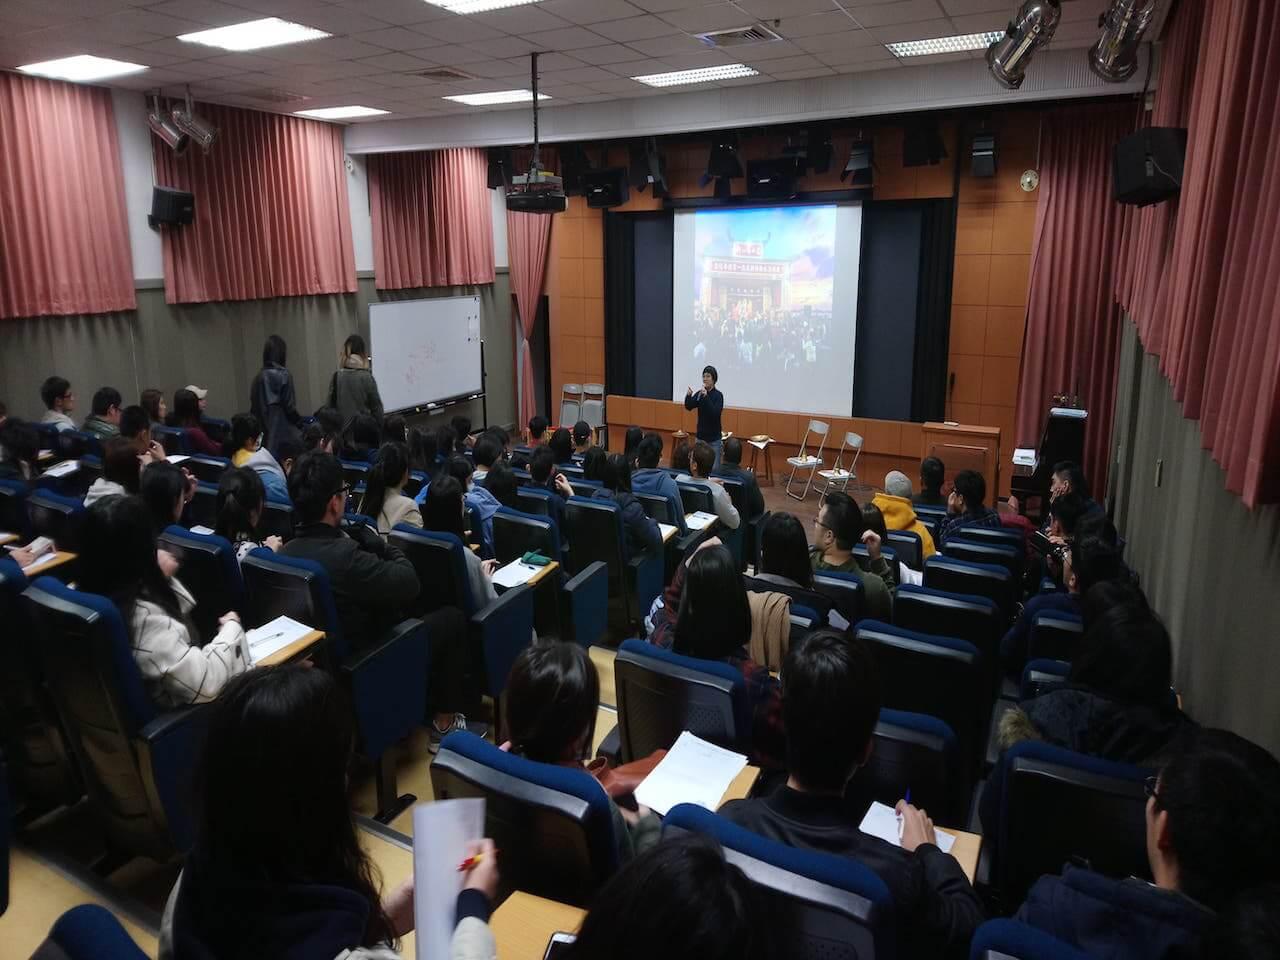 淡水南北軒於淡江大學演講